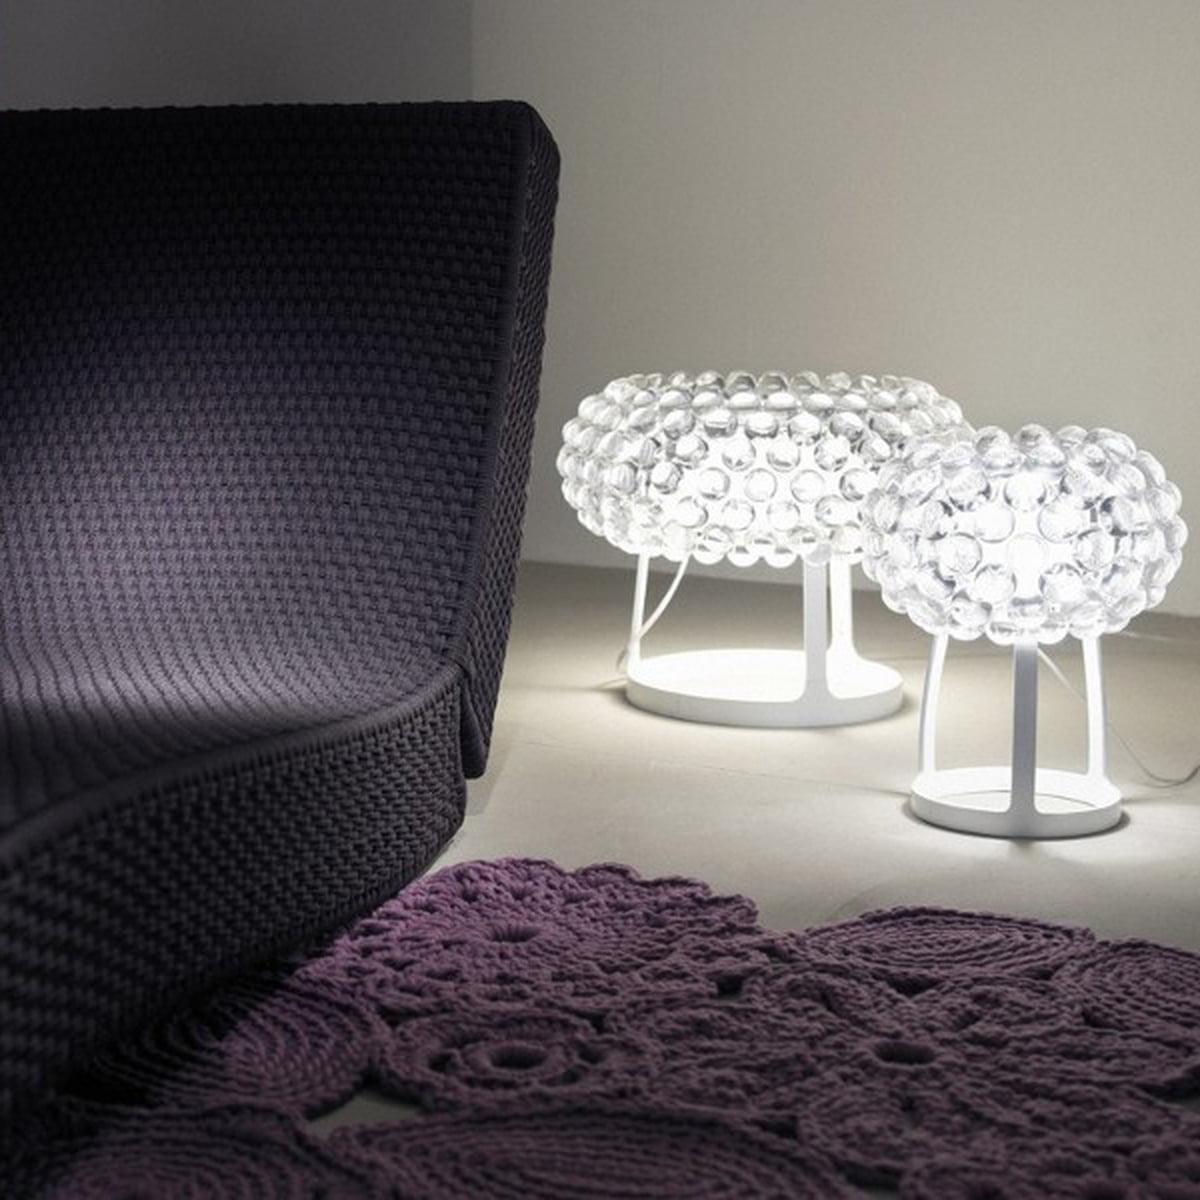 Lampe Caboche Patricia Urquiola foscarini - caboche piccola table lamp, transparent